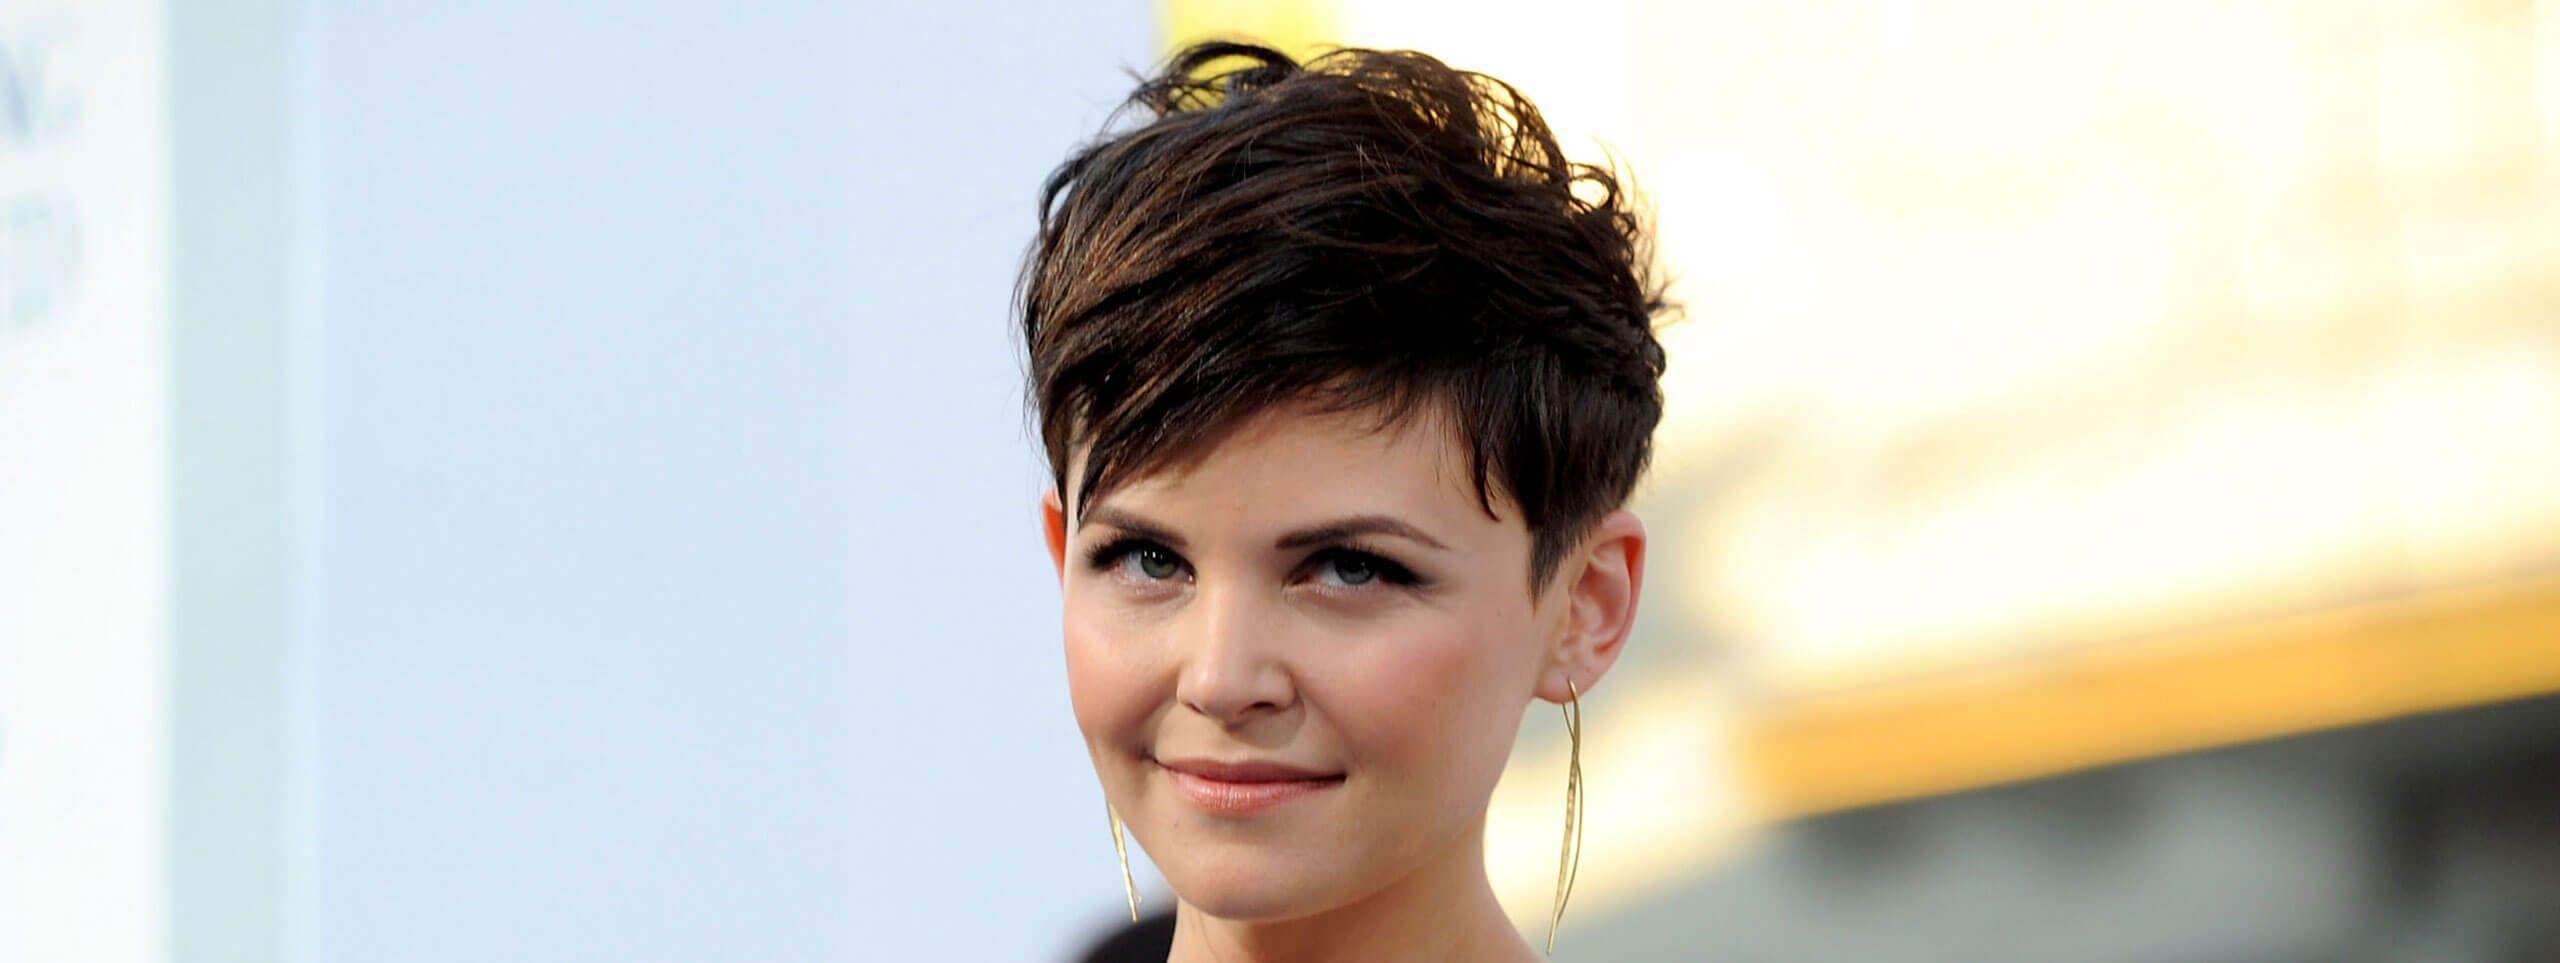 Kobieta z fryzurą pixie z czarnych włosów